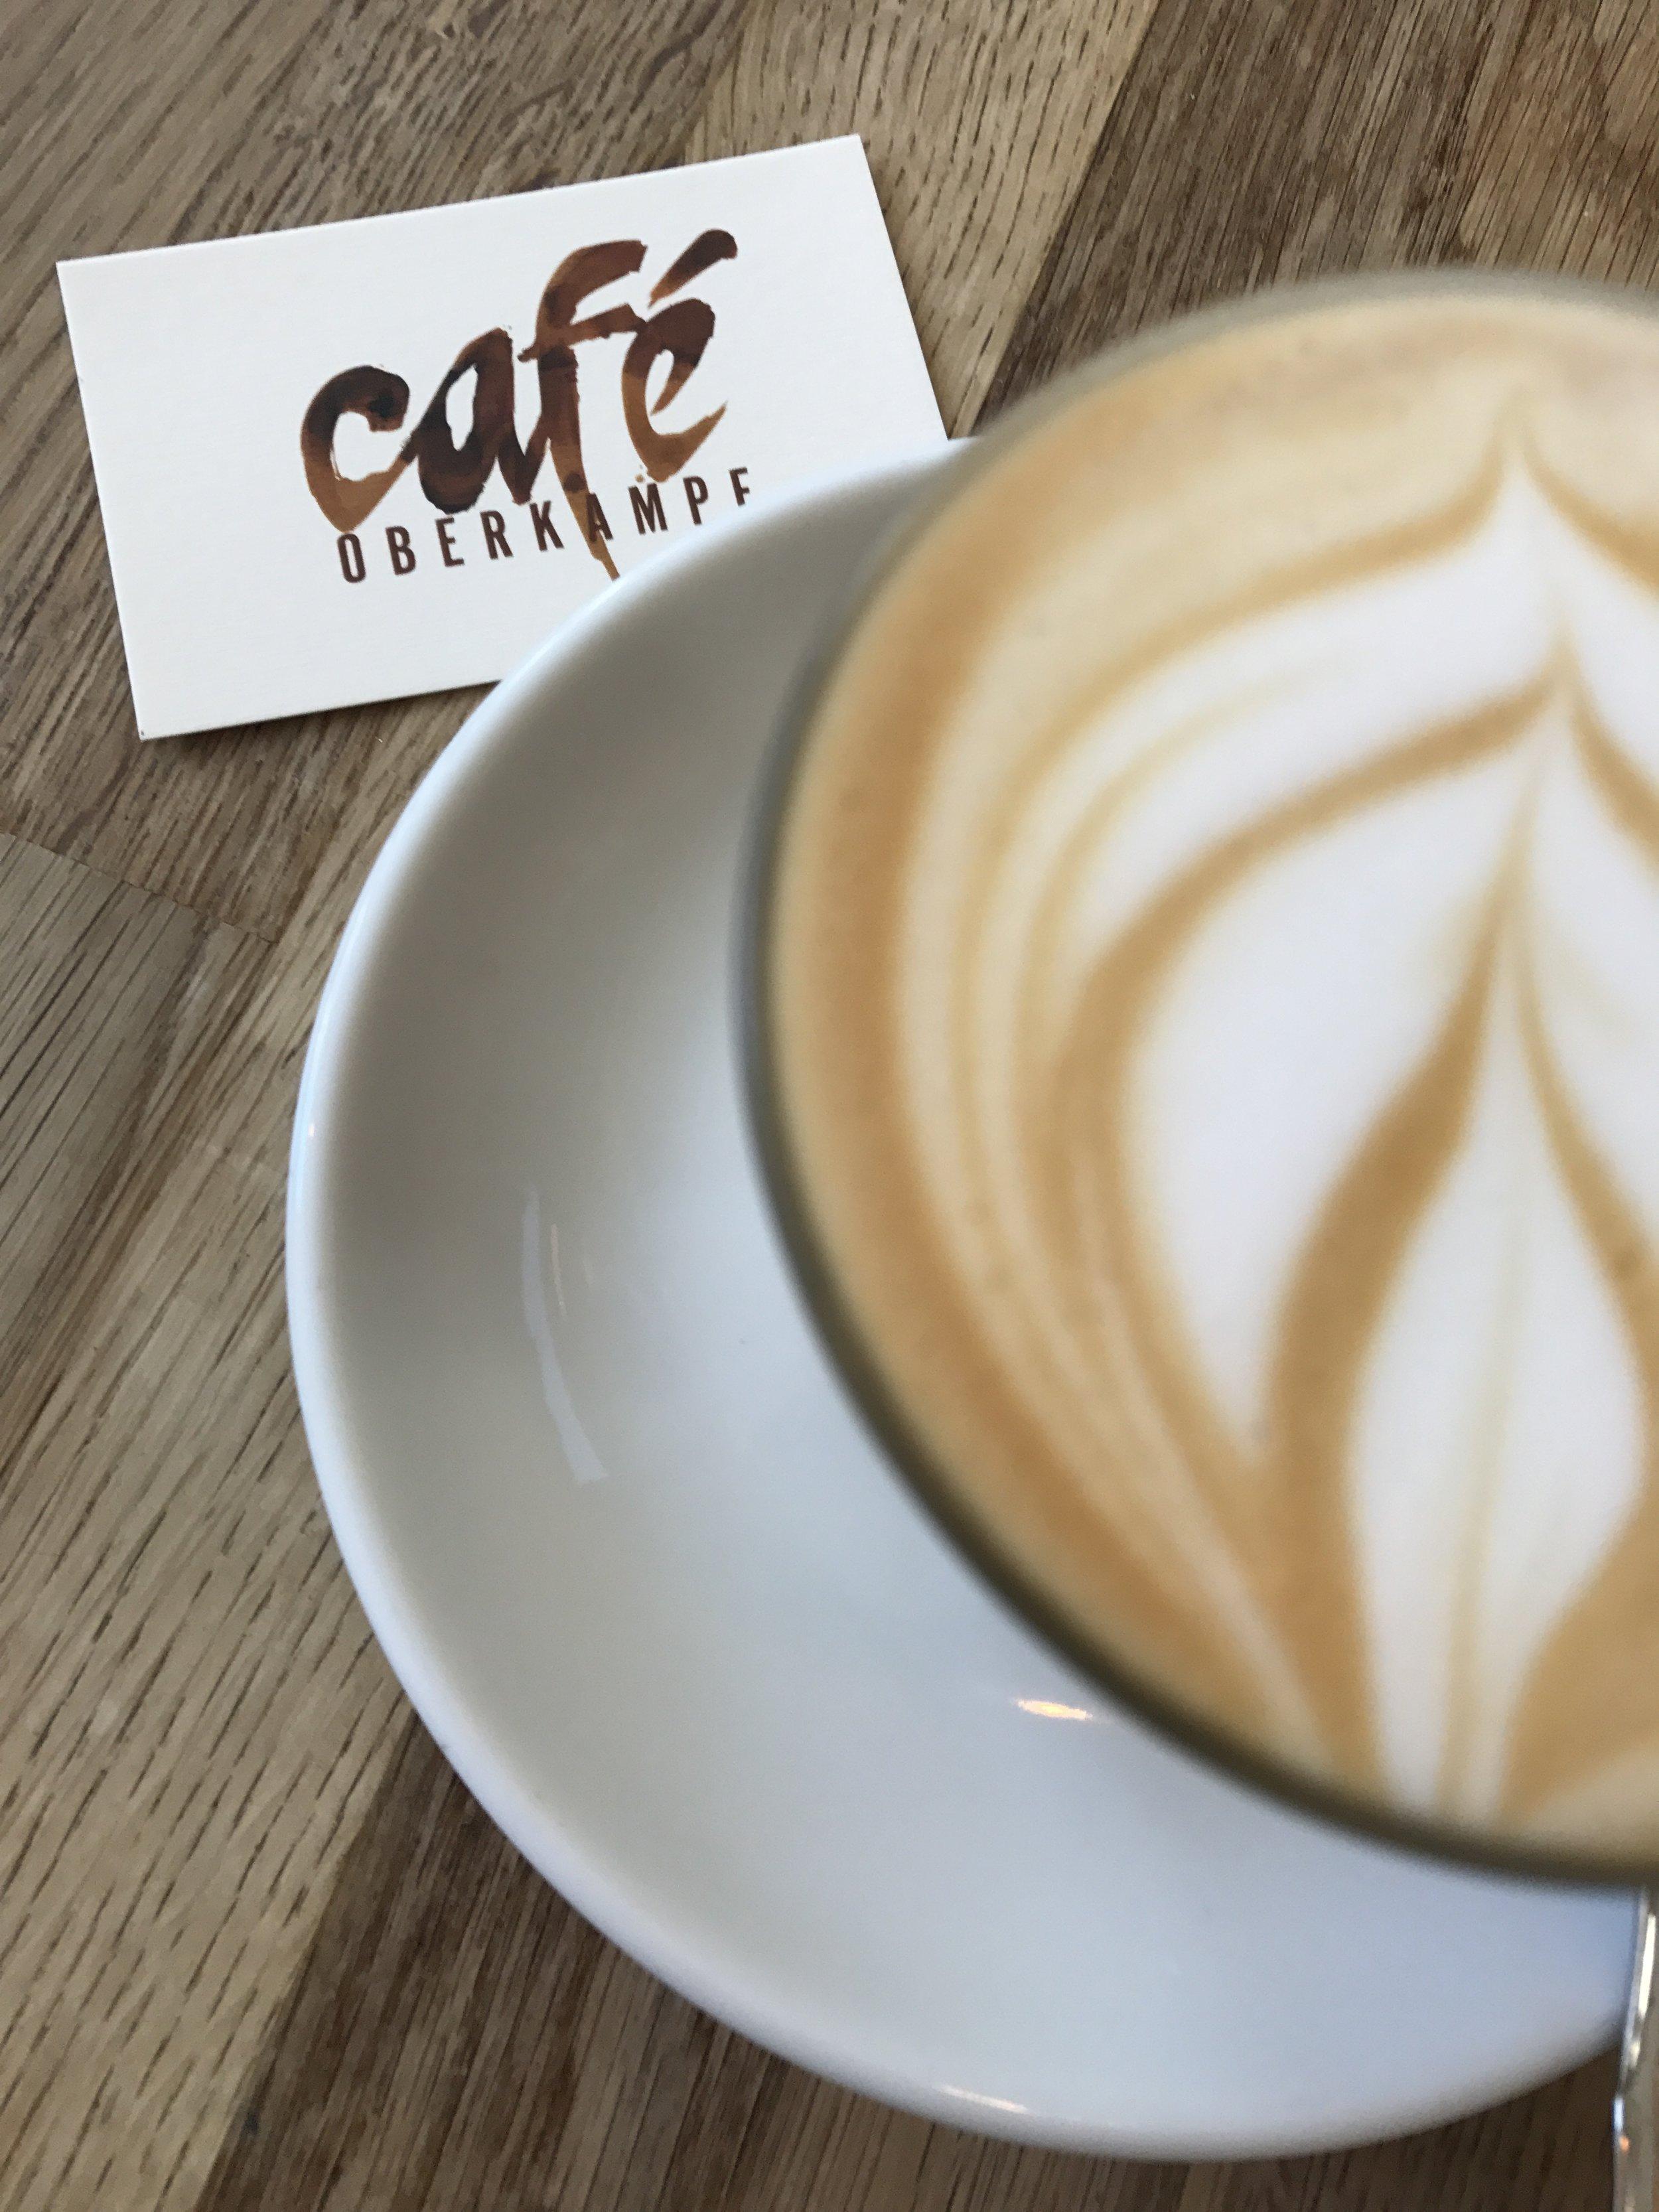 Oberkampf Coffee.jpg